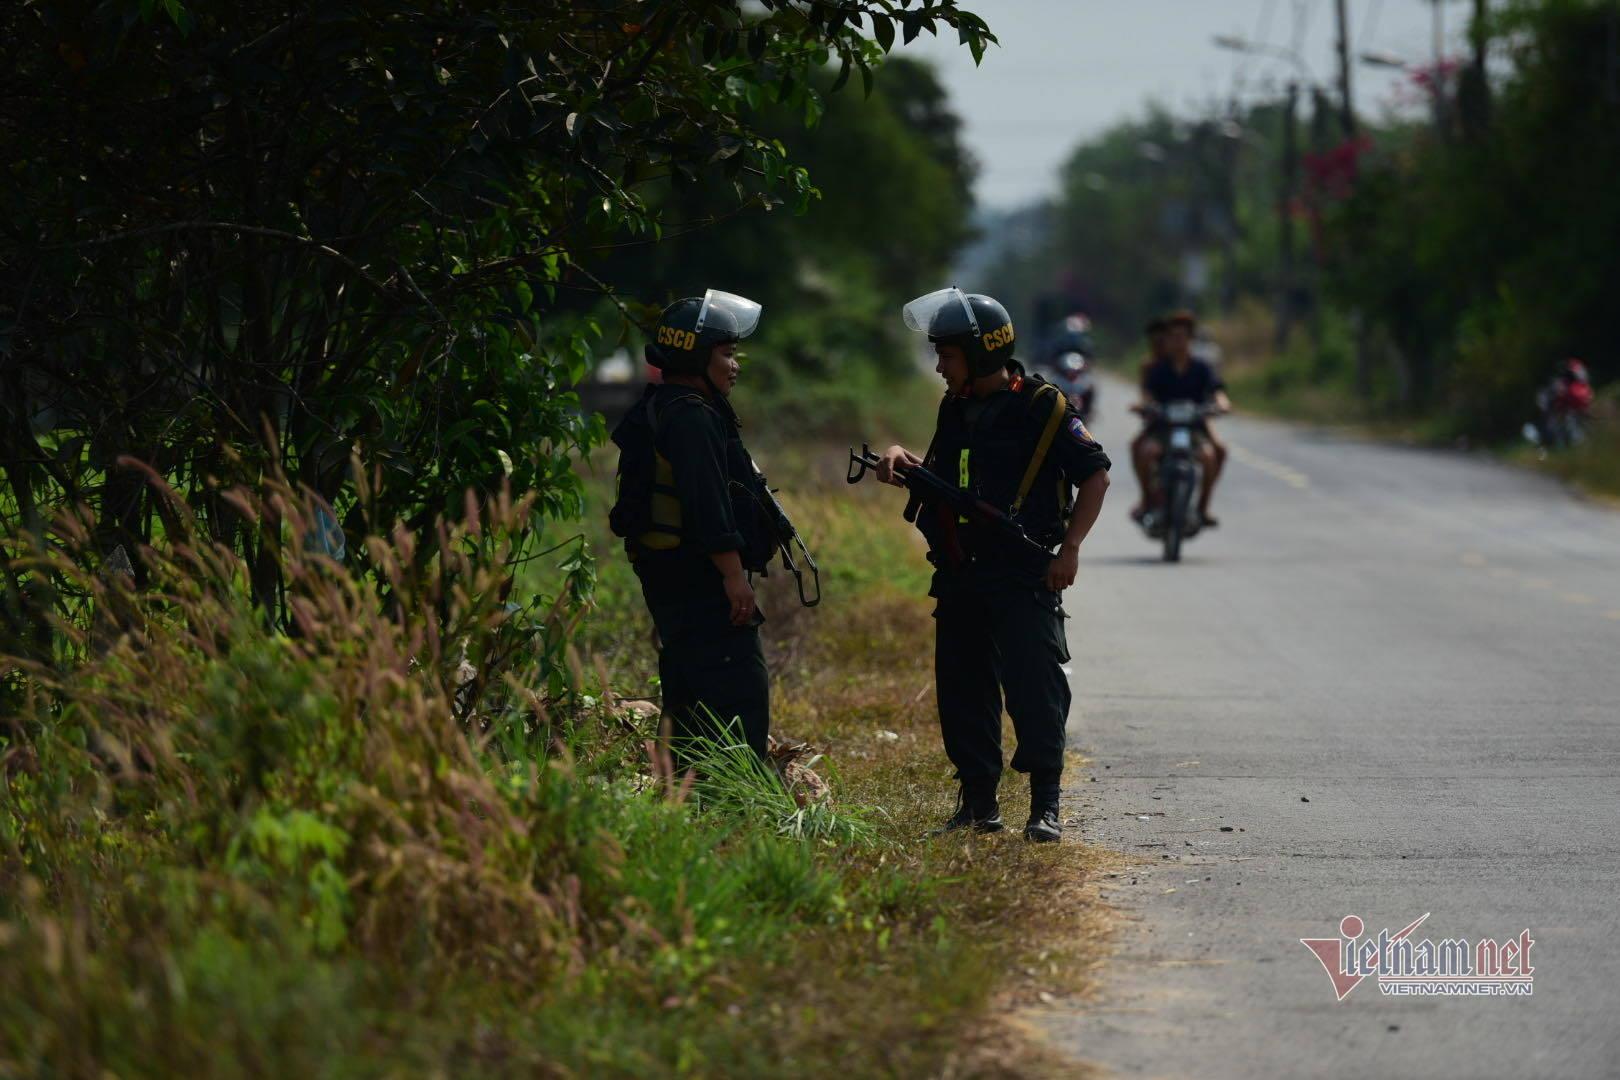 Truy lùng nghi phạm nổ súng bắn 5 người ở khu vực biên giới Campuchia